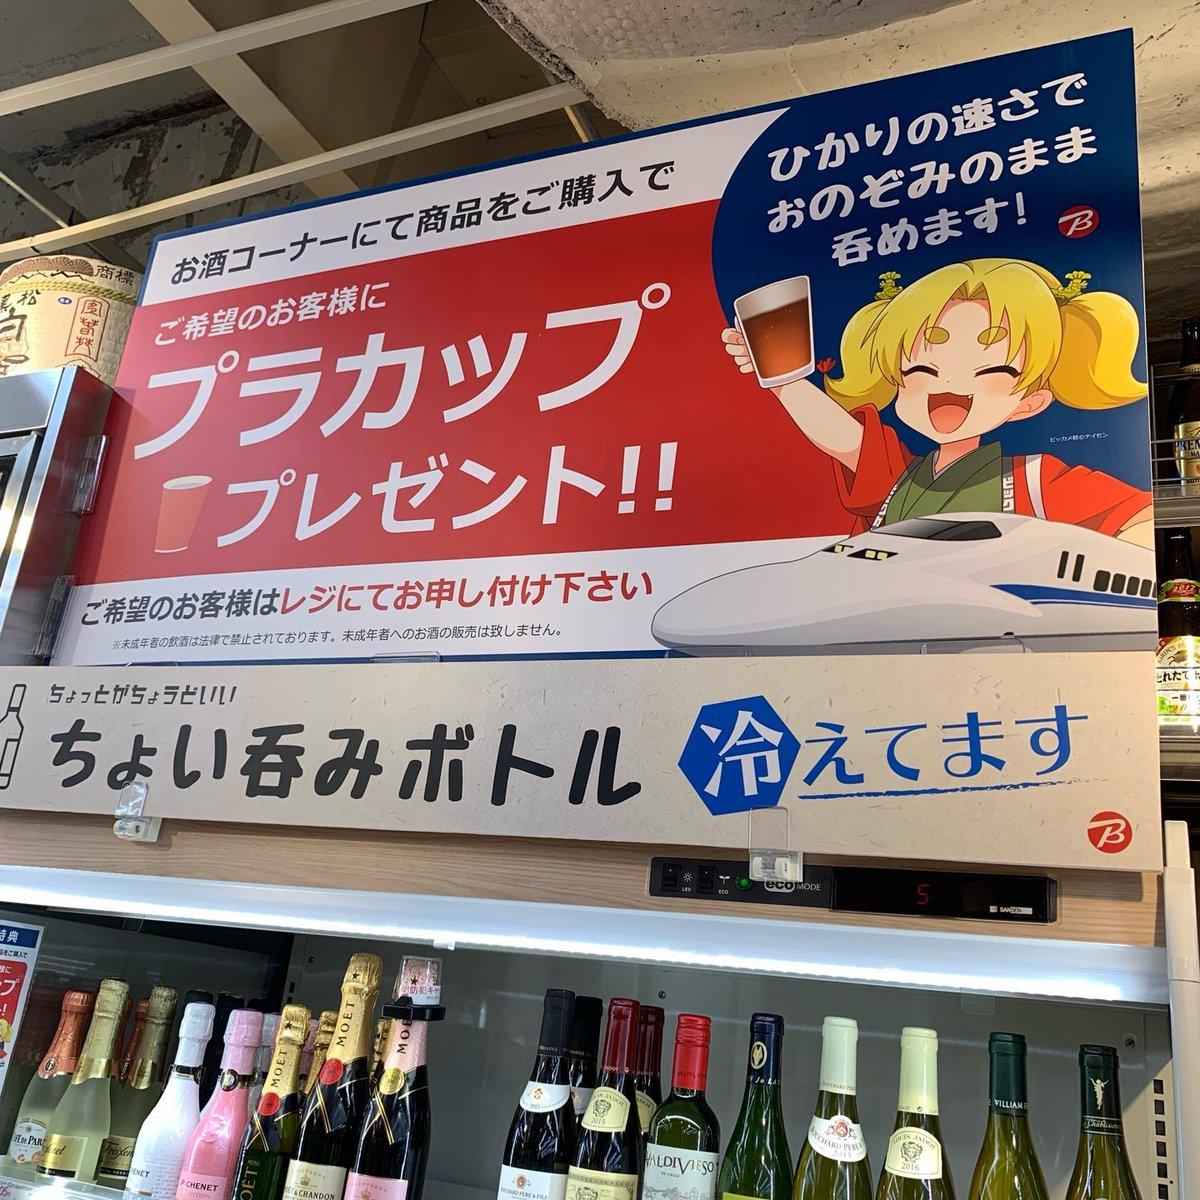 ビックカメラ 名古屋駅西店(1)ビック酒販 ひかりの速さでおのぞみのまま呑めます!